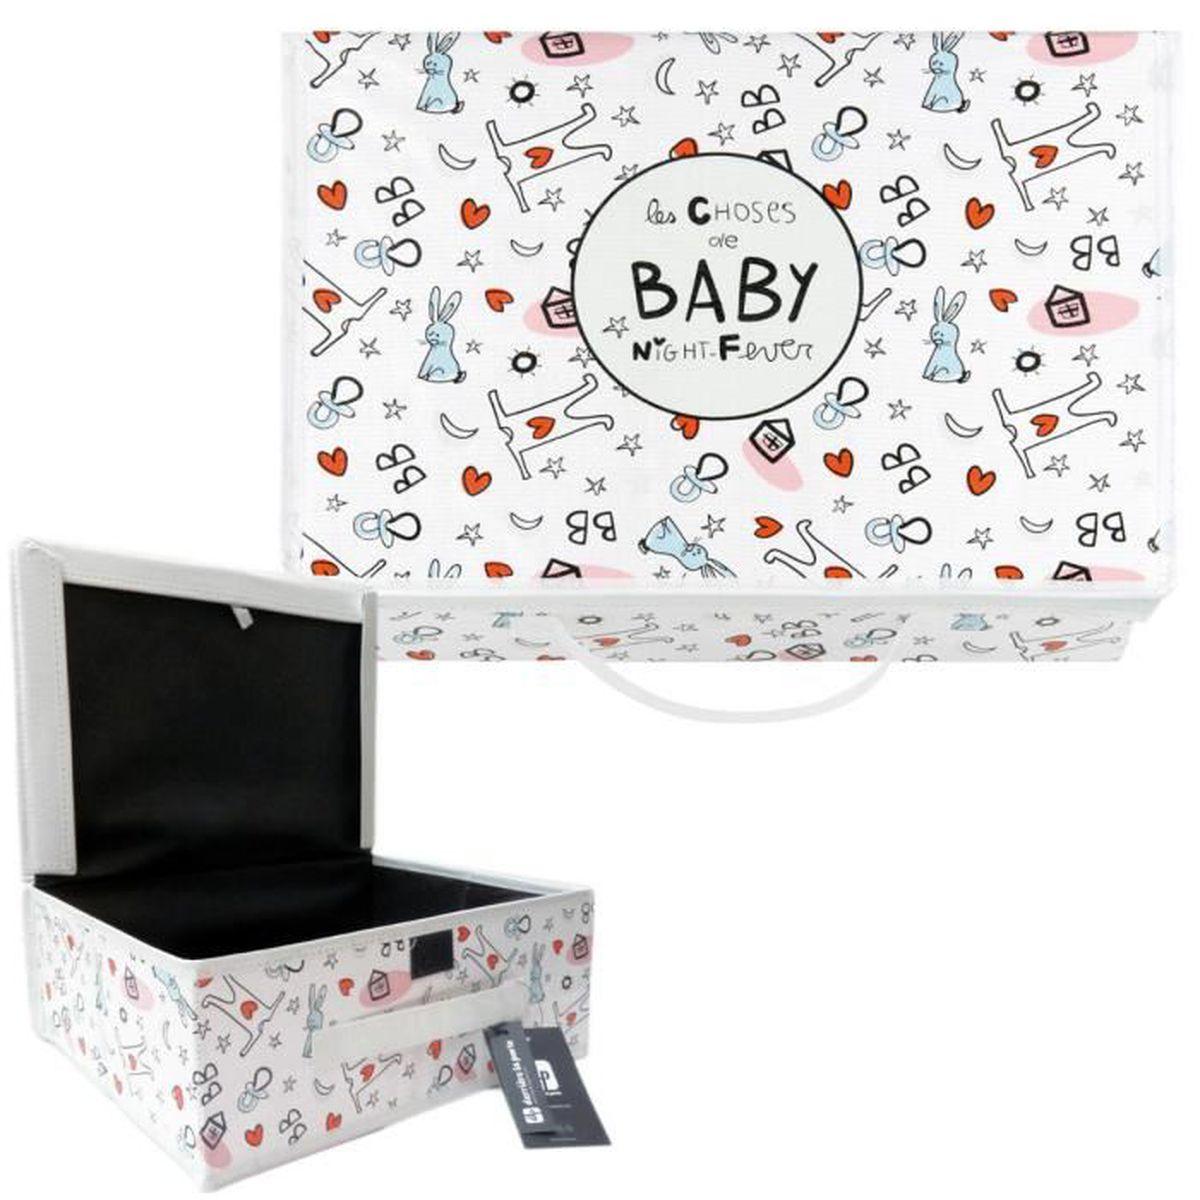 Boîte de classement Boîte à Bazar BABY NIGHT-FEVER Pliable - de Rangem